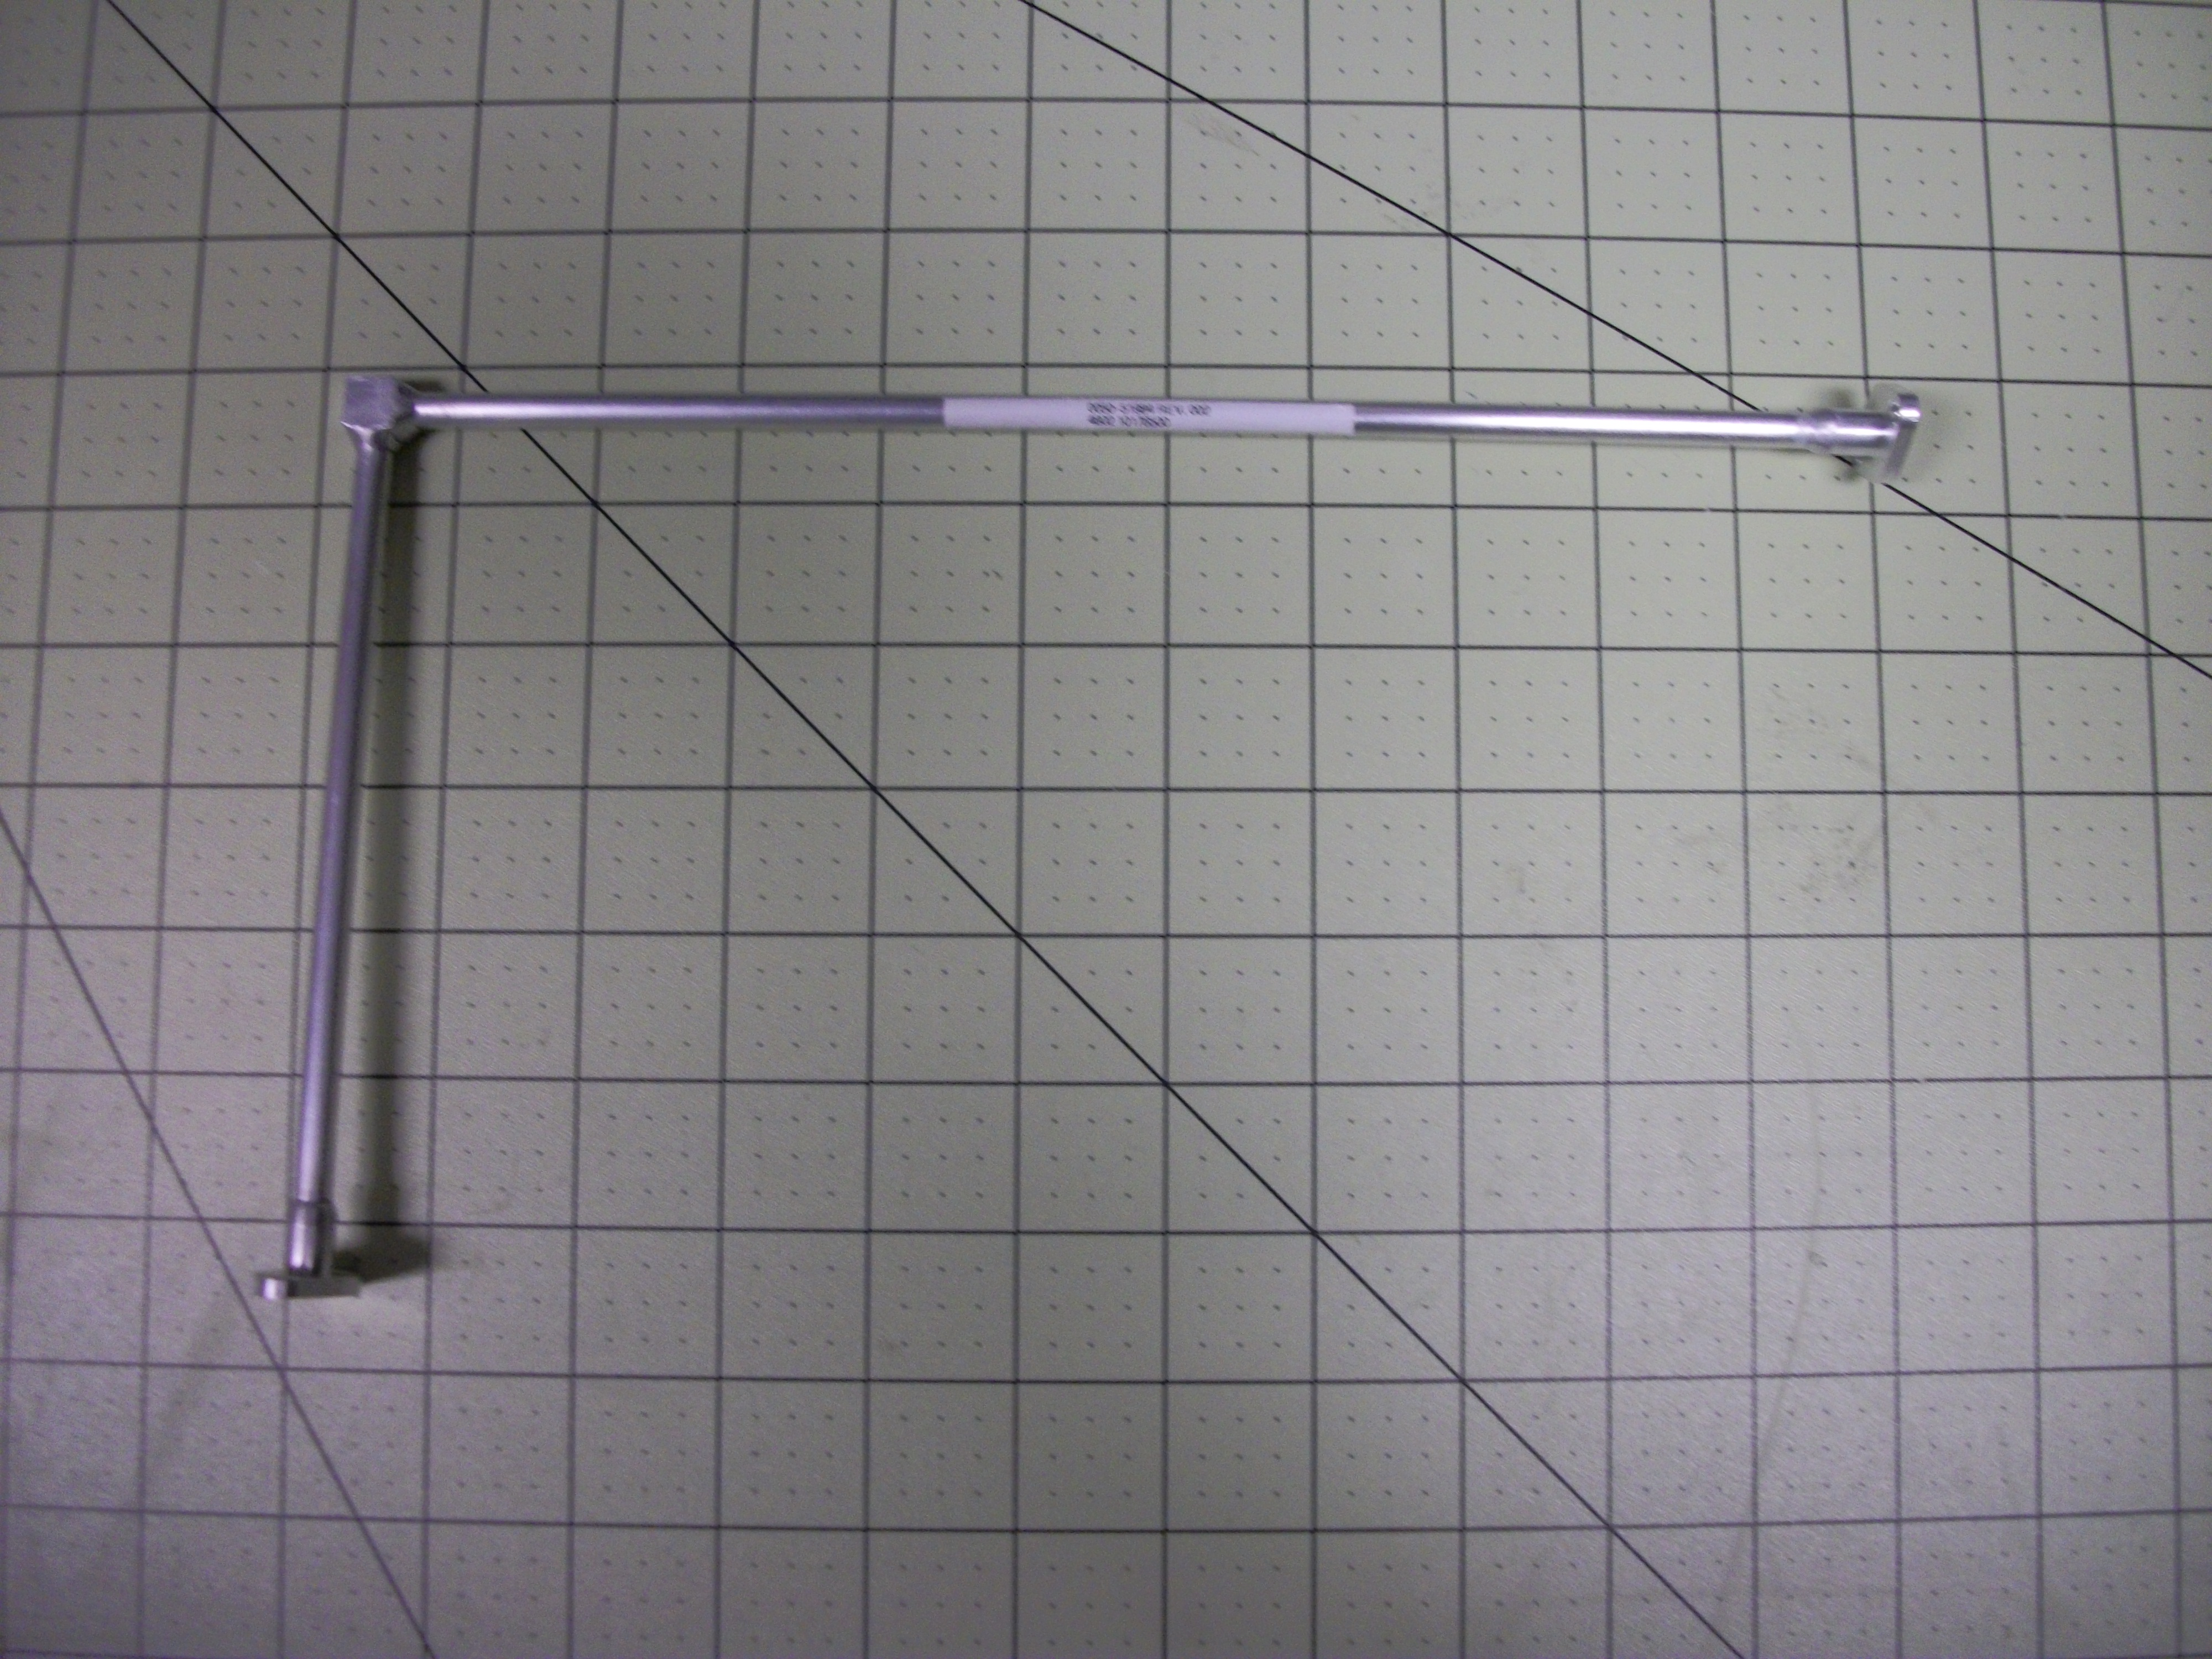 Weldment, process upper chamber 2.65